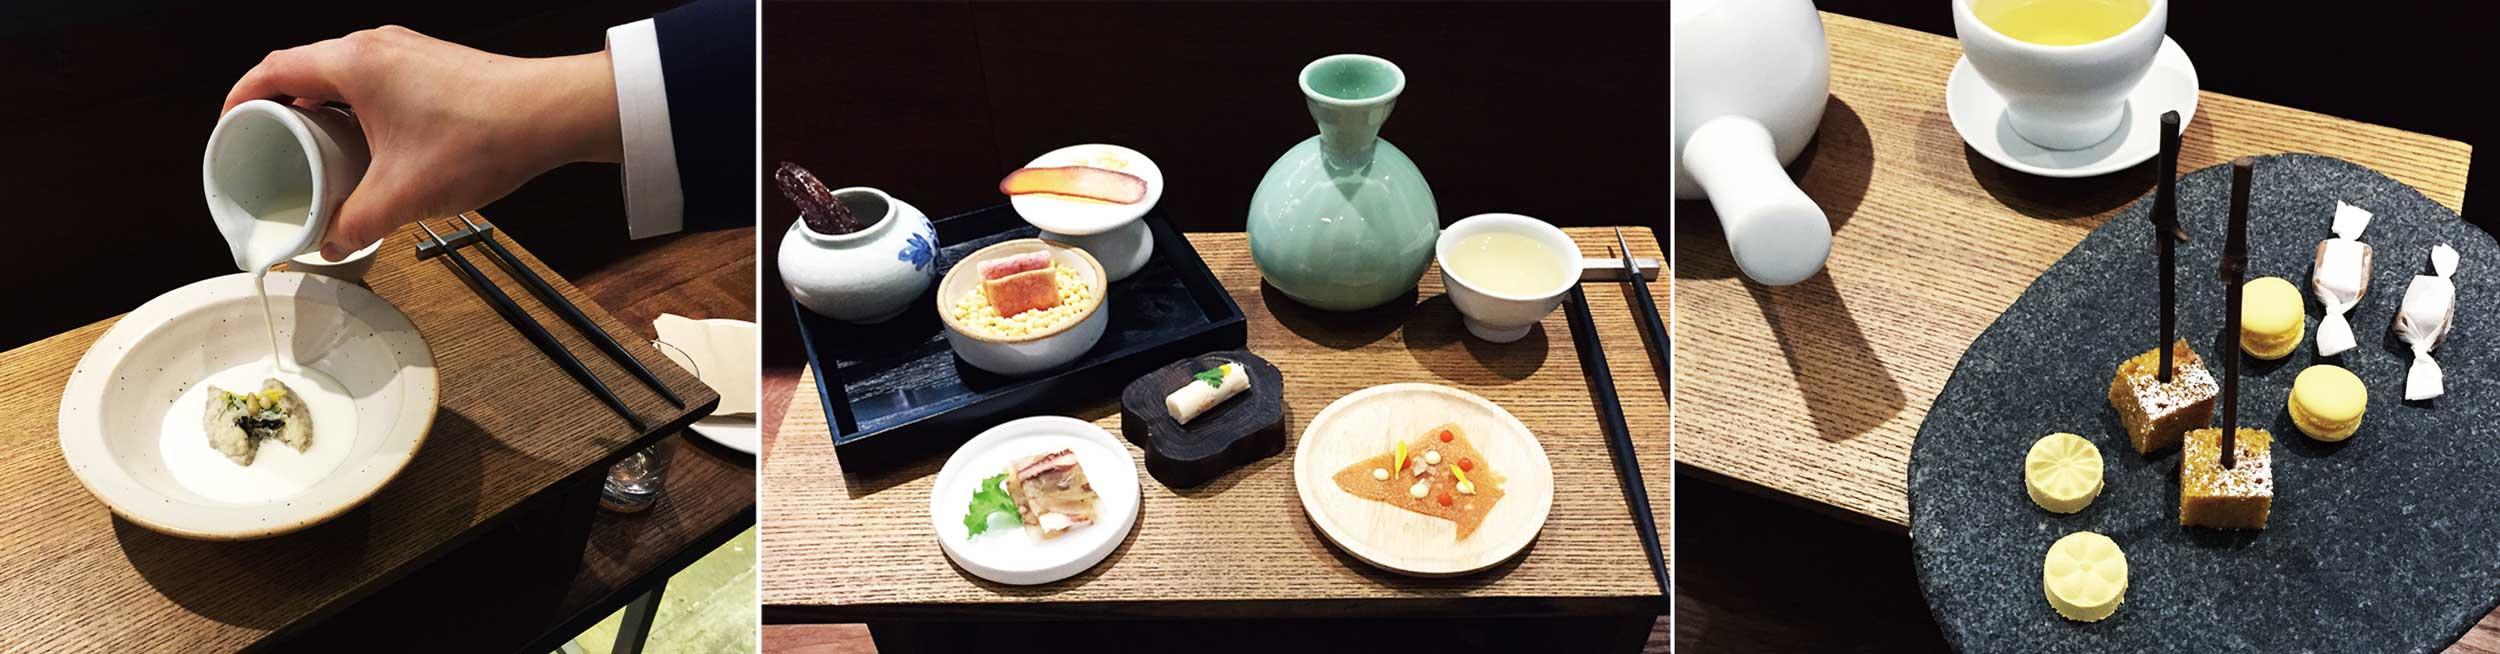 (왼쪽부터)가평 잣국물을 부어먹는 무만두. 첫 번째 코스 주안상. 식사의 마무리, 다과.© 앤더슨배